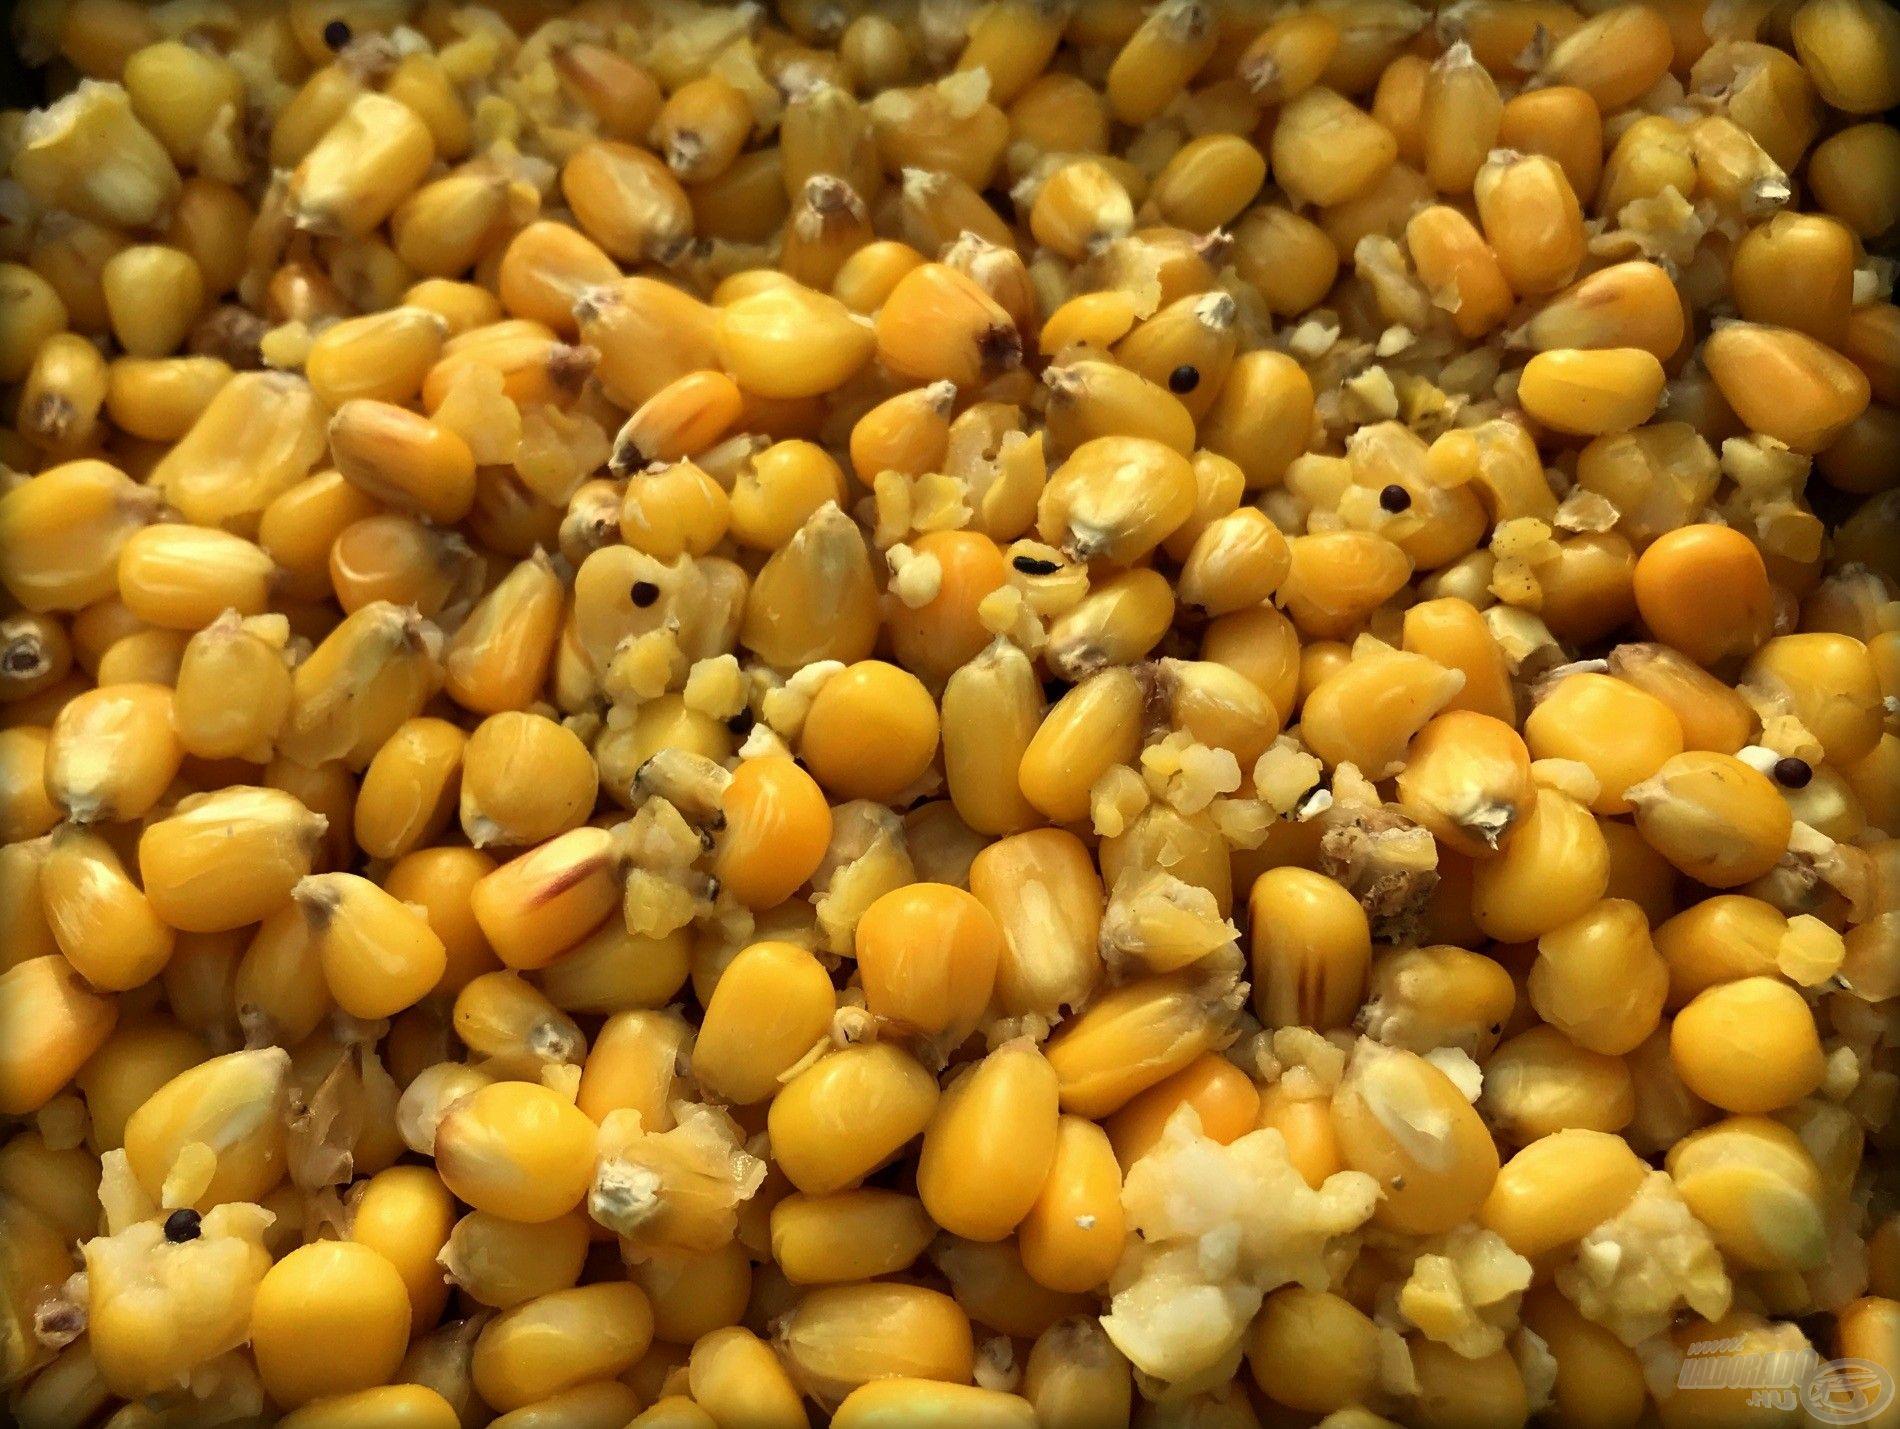 Frissen főtt takarmány: megunhatatlan az amurok számára